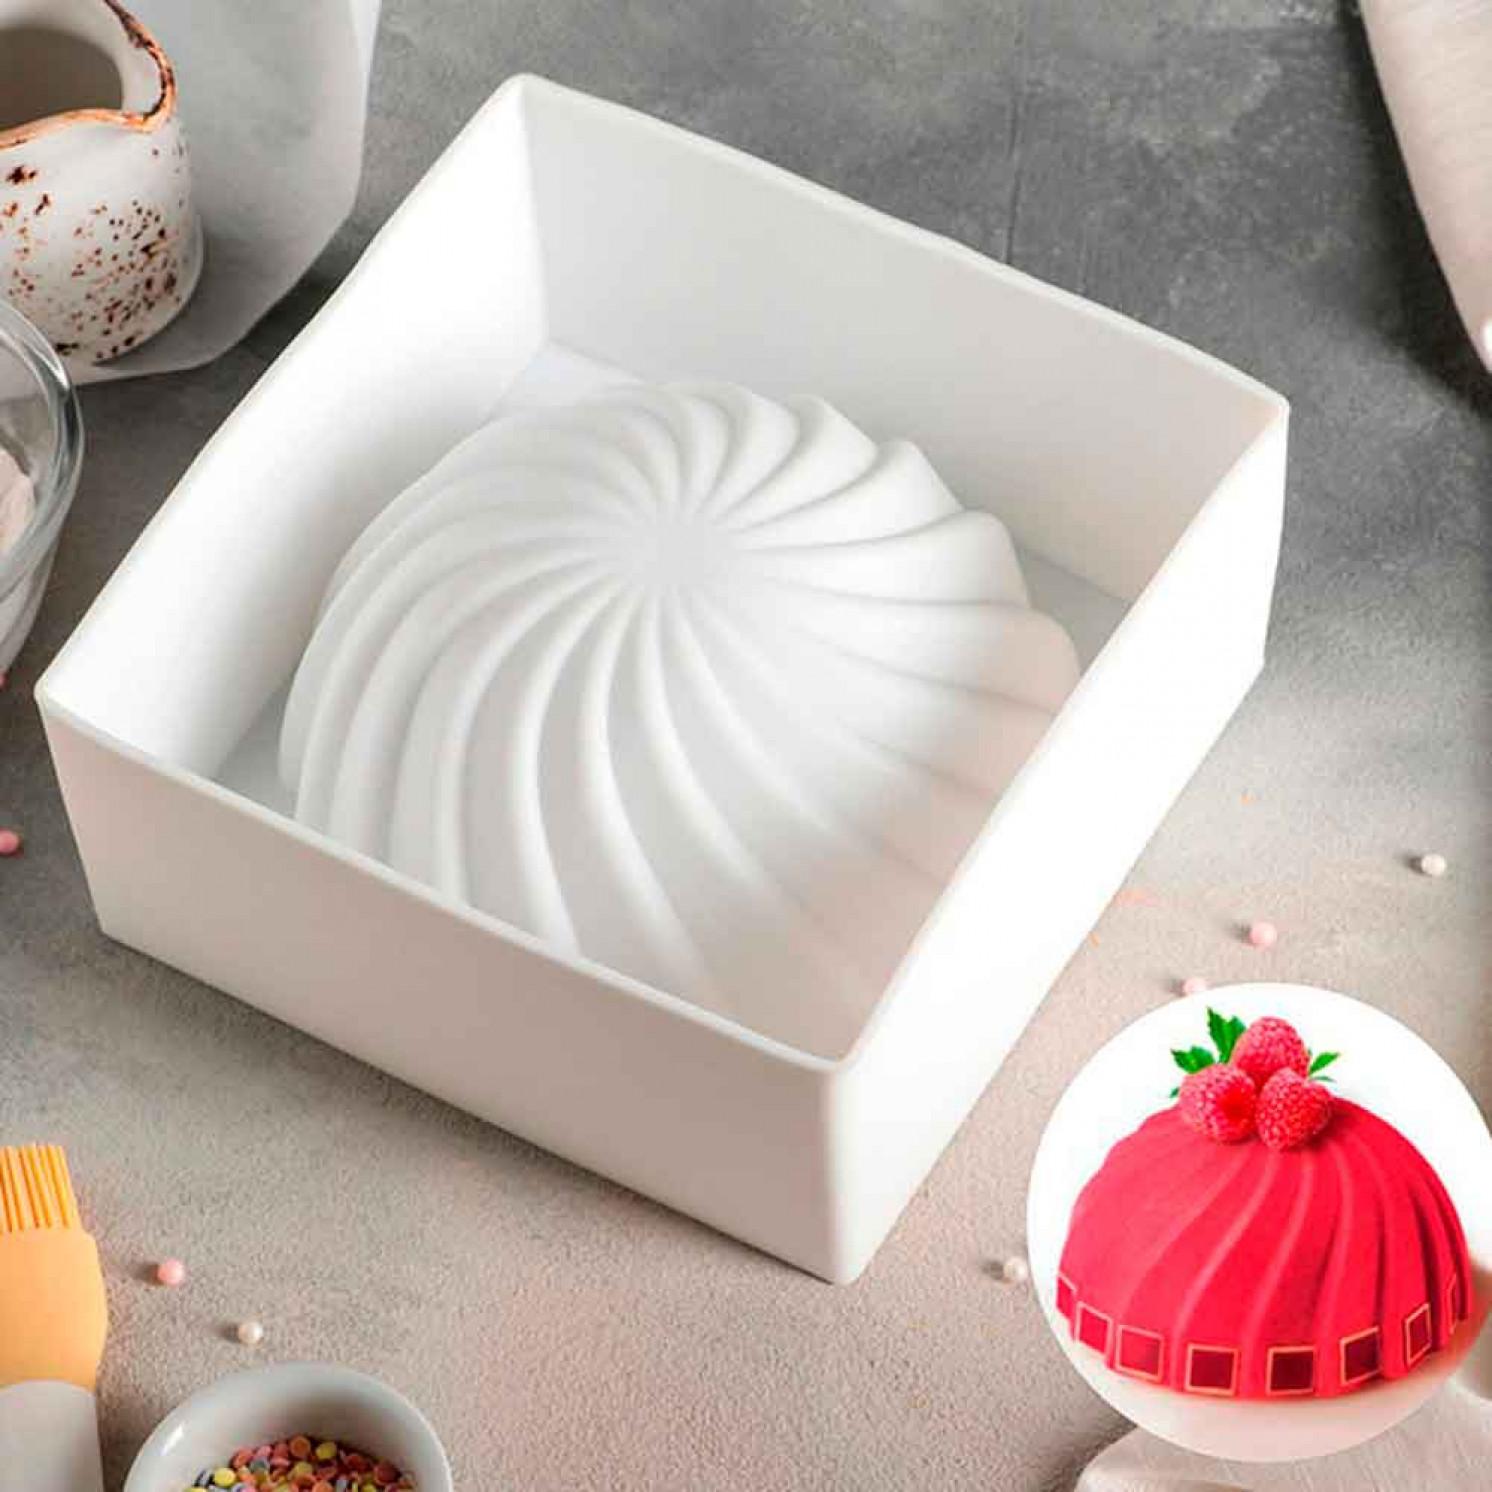 Форма для муссовых десертов и выпечки 19,2×9,5 см «Взбитые сливки», внутренний размер 18×18 см, цвет белый